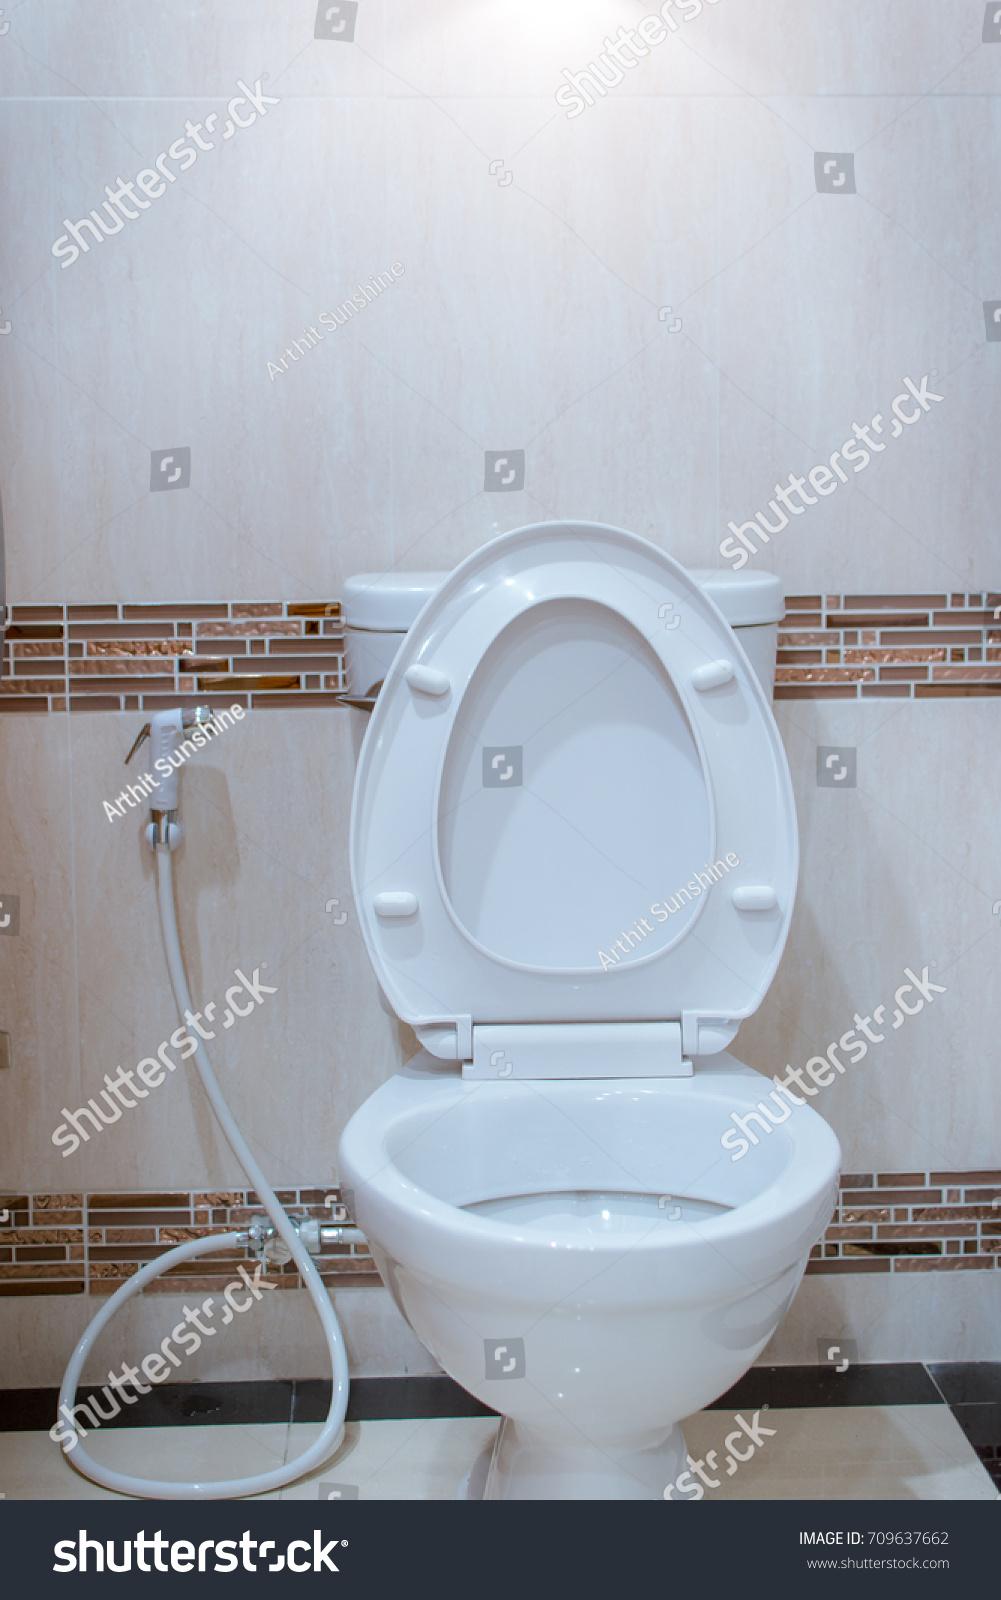 White Toilet Bowl Office Bath Bathroom Stock Photo (Royalty Free ...